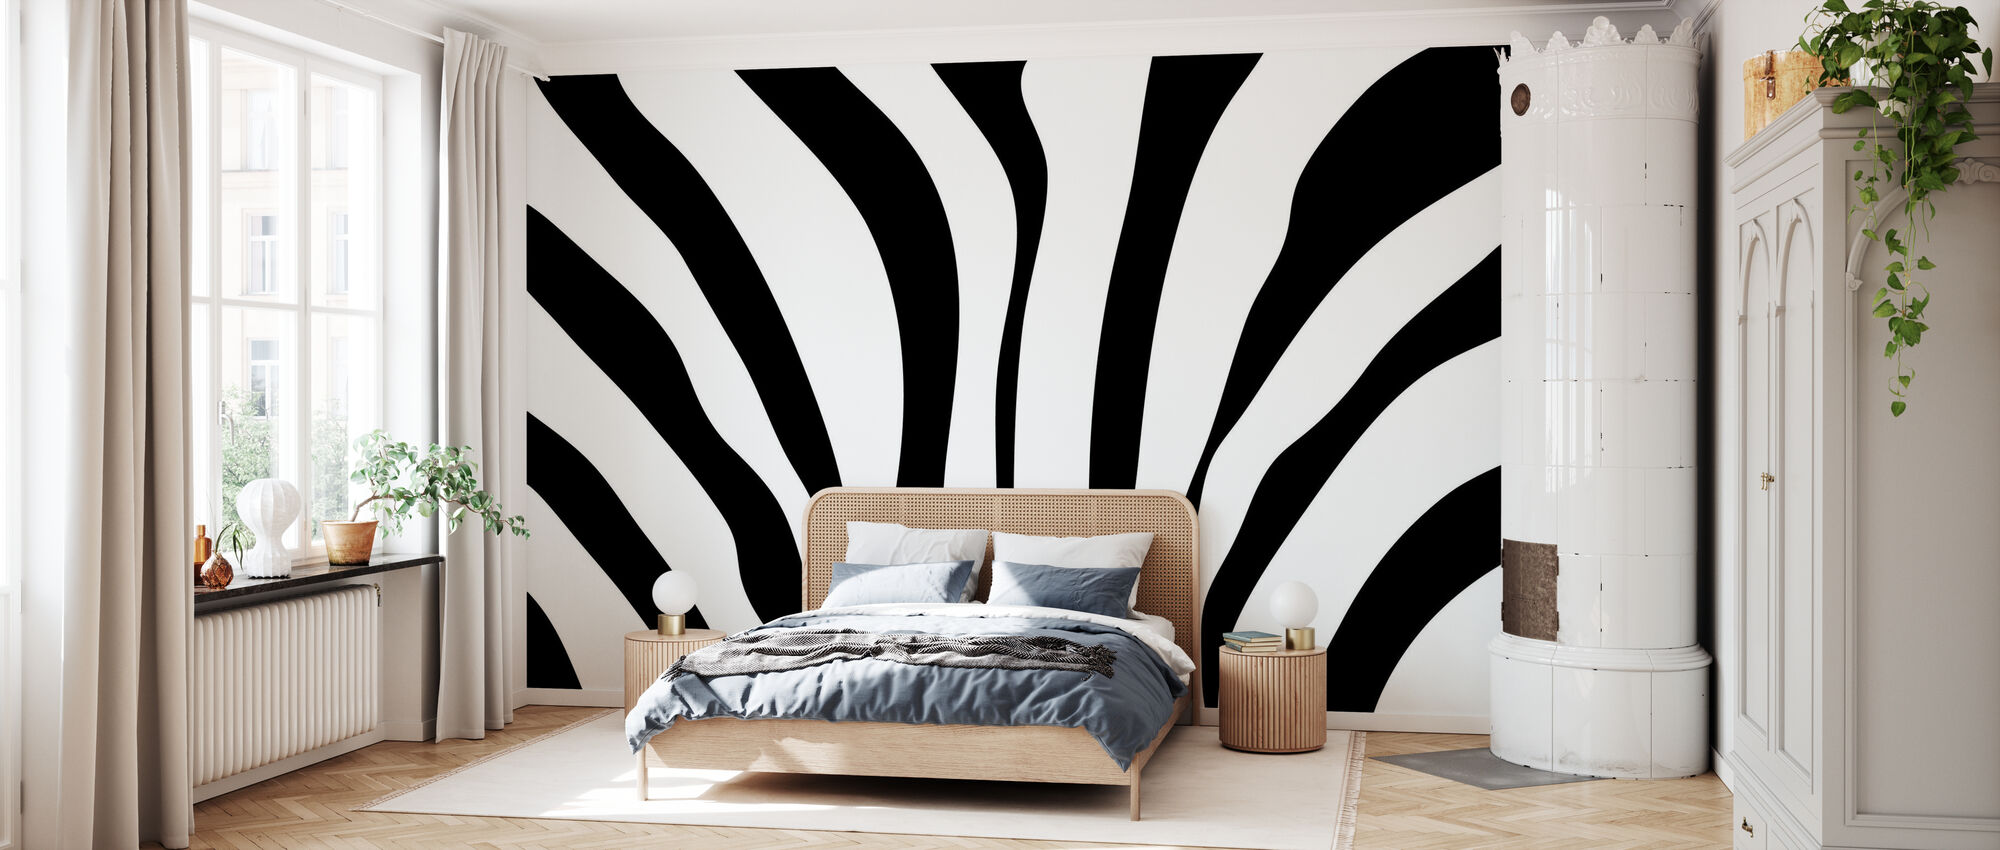 Zebra tekstur - Tapet - Soverom